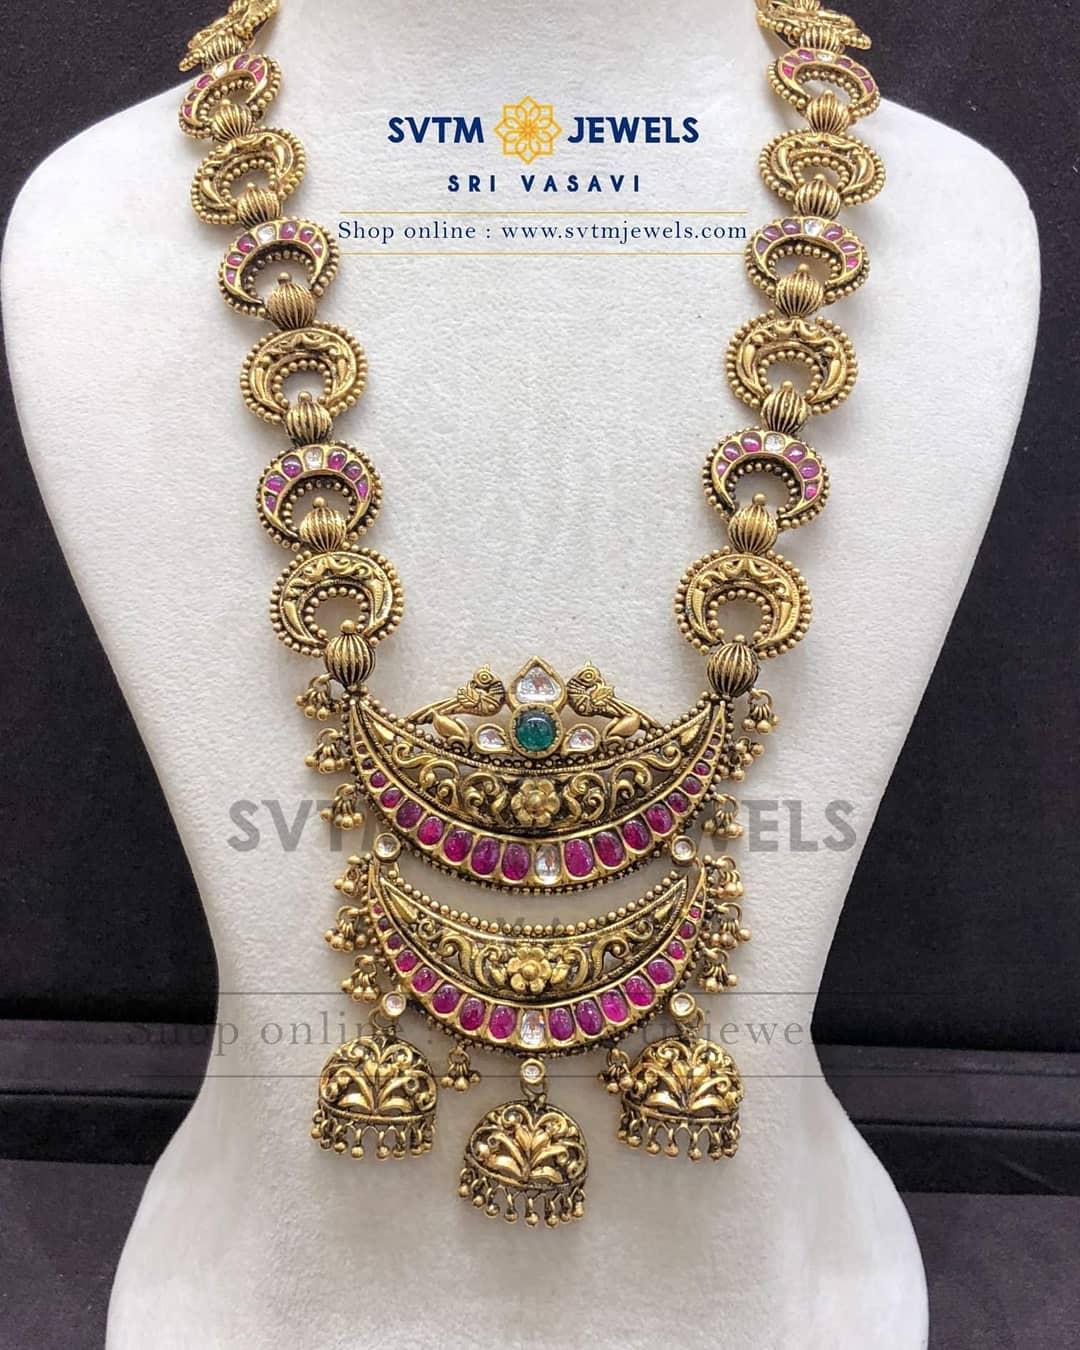 Unique Necklace Set From SVTM Jewels